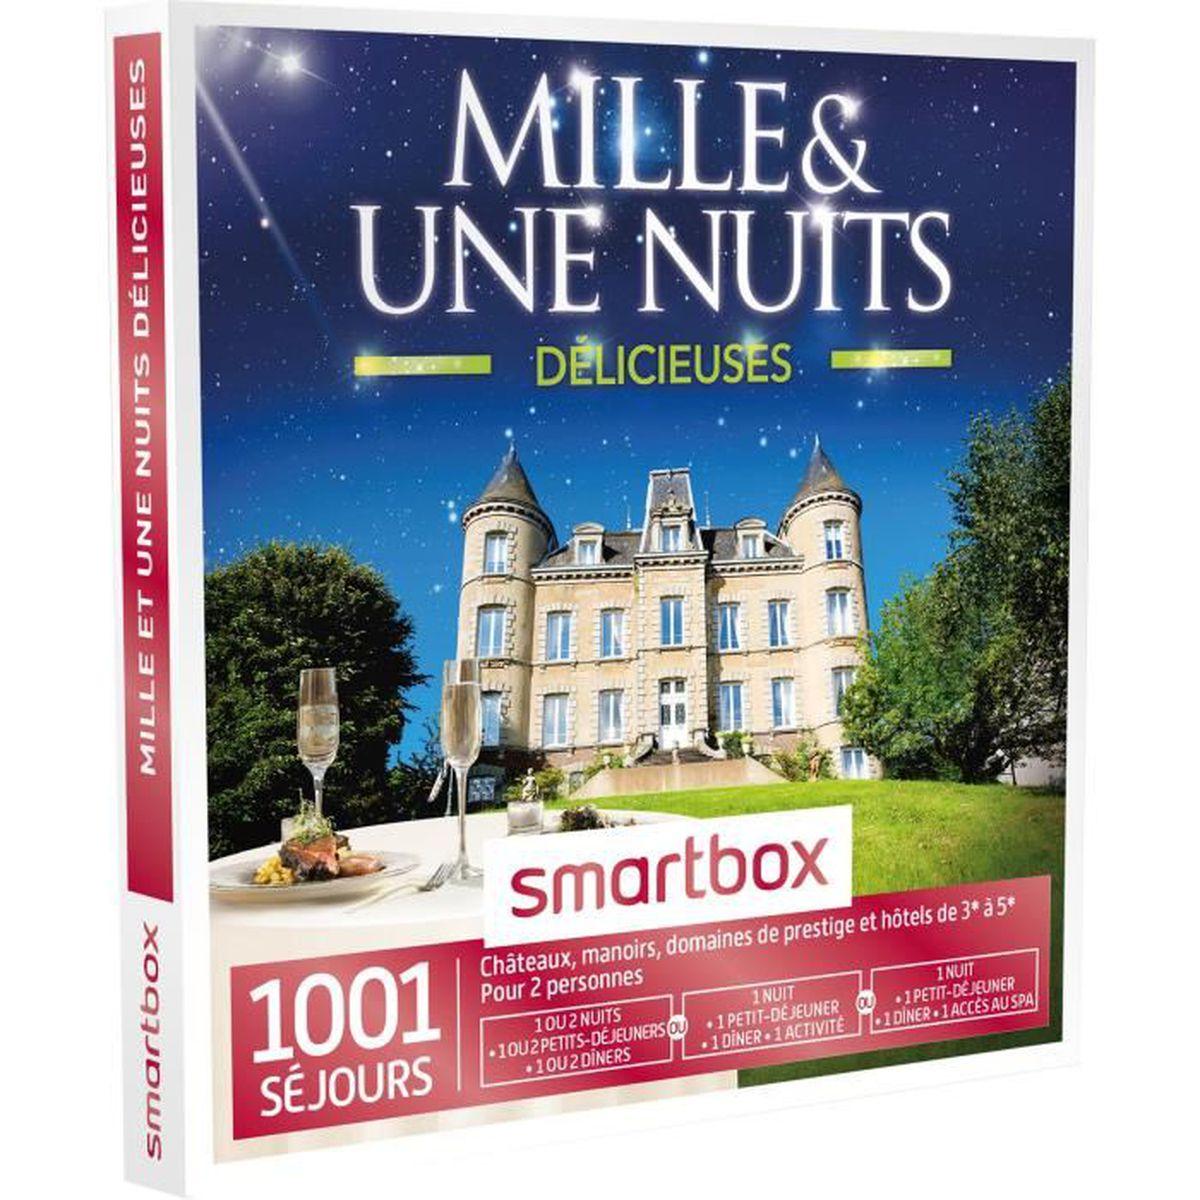 10 Hôtels Pour Un Week End De 2 Ou 3 Jours: Mille & Une Nuits Délicieuses